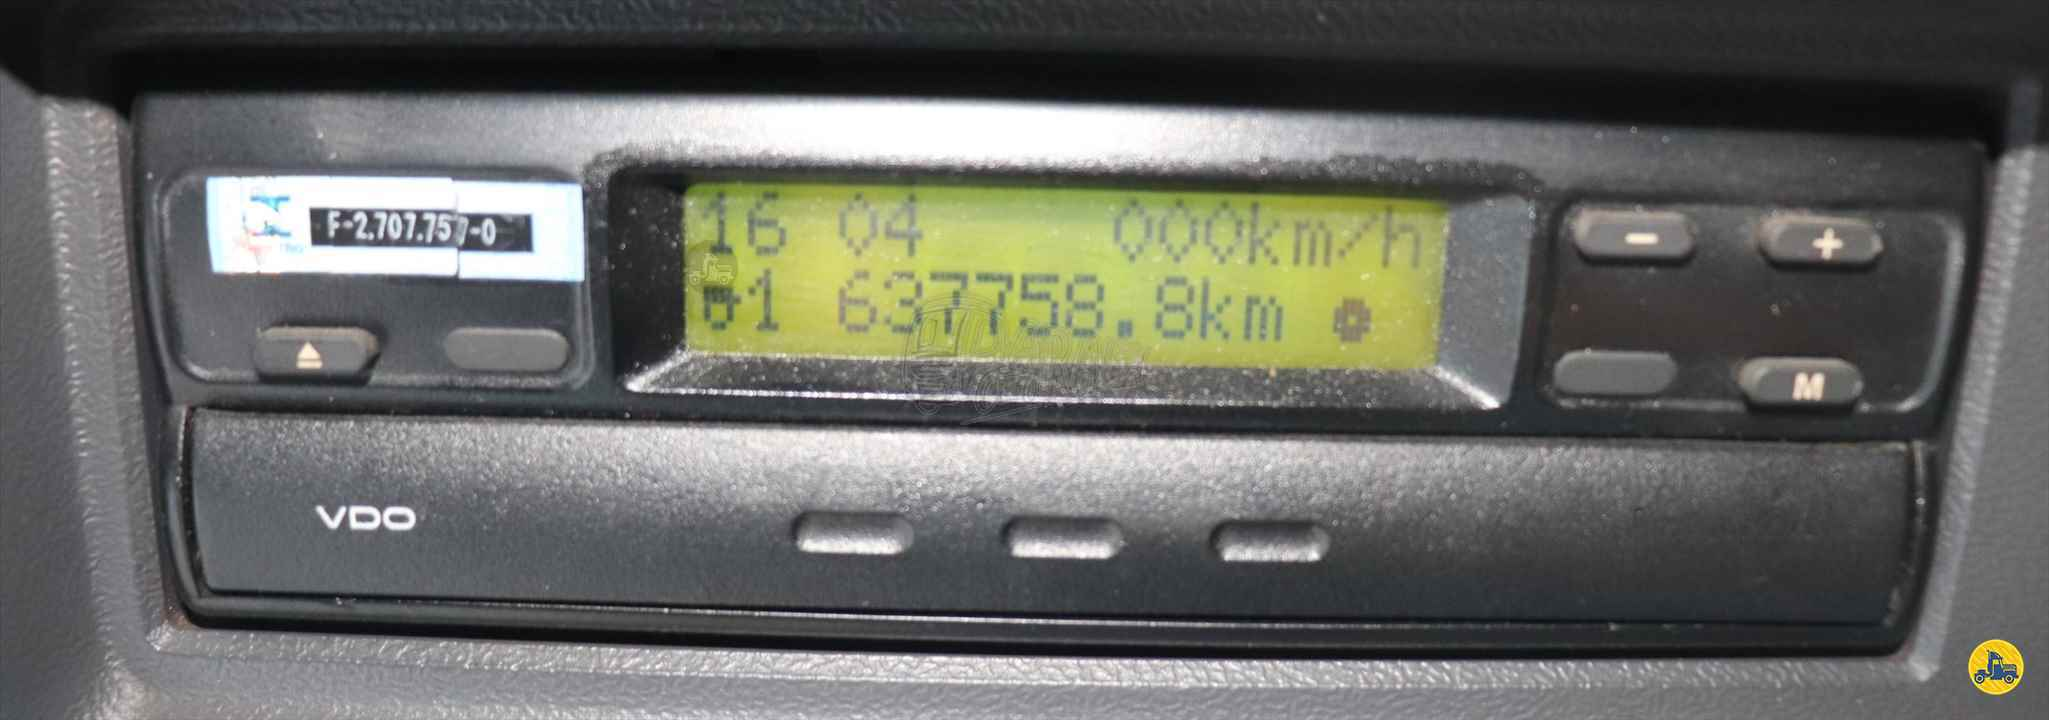 SCANIA SCANIA P310 680000km 2014/2014 Paraíso Pesados